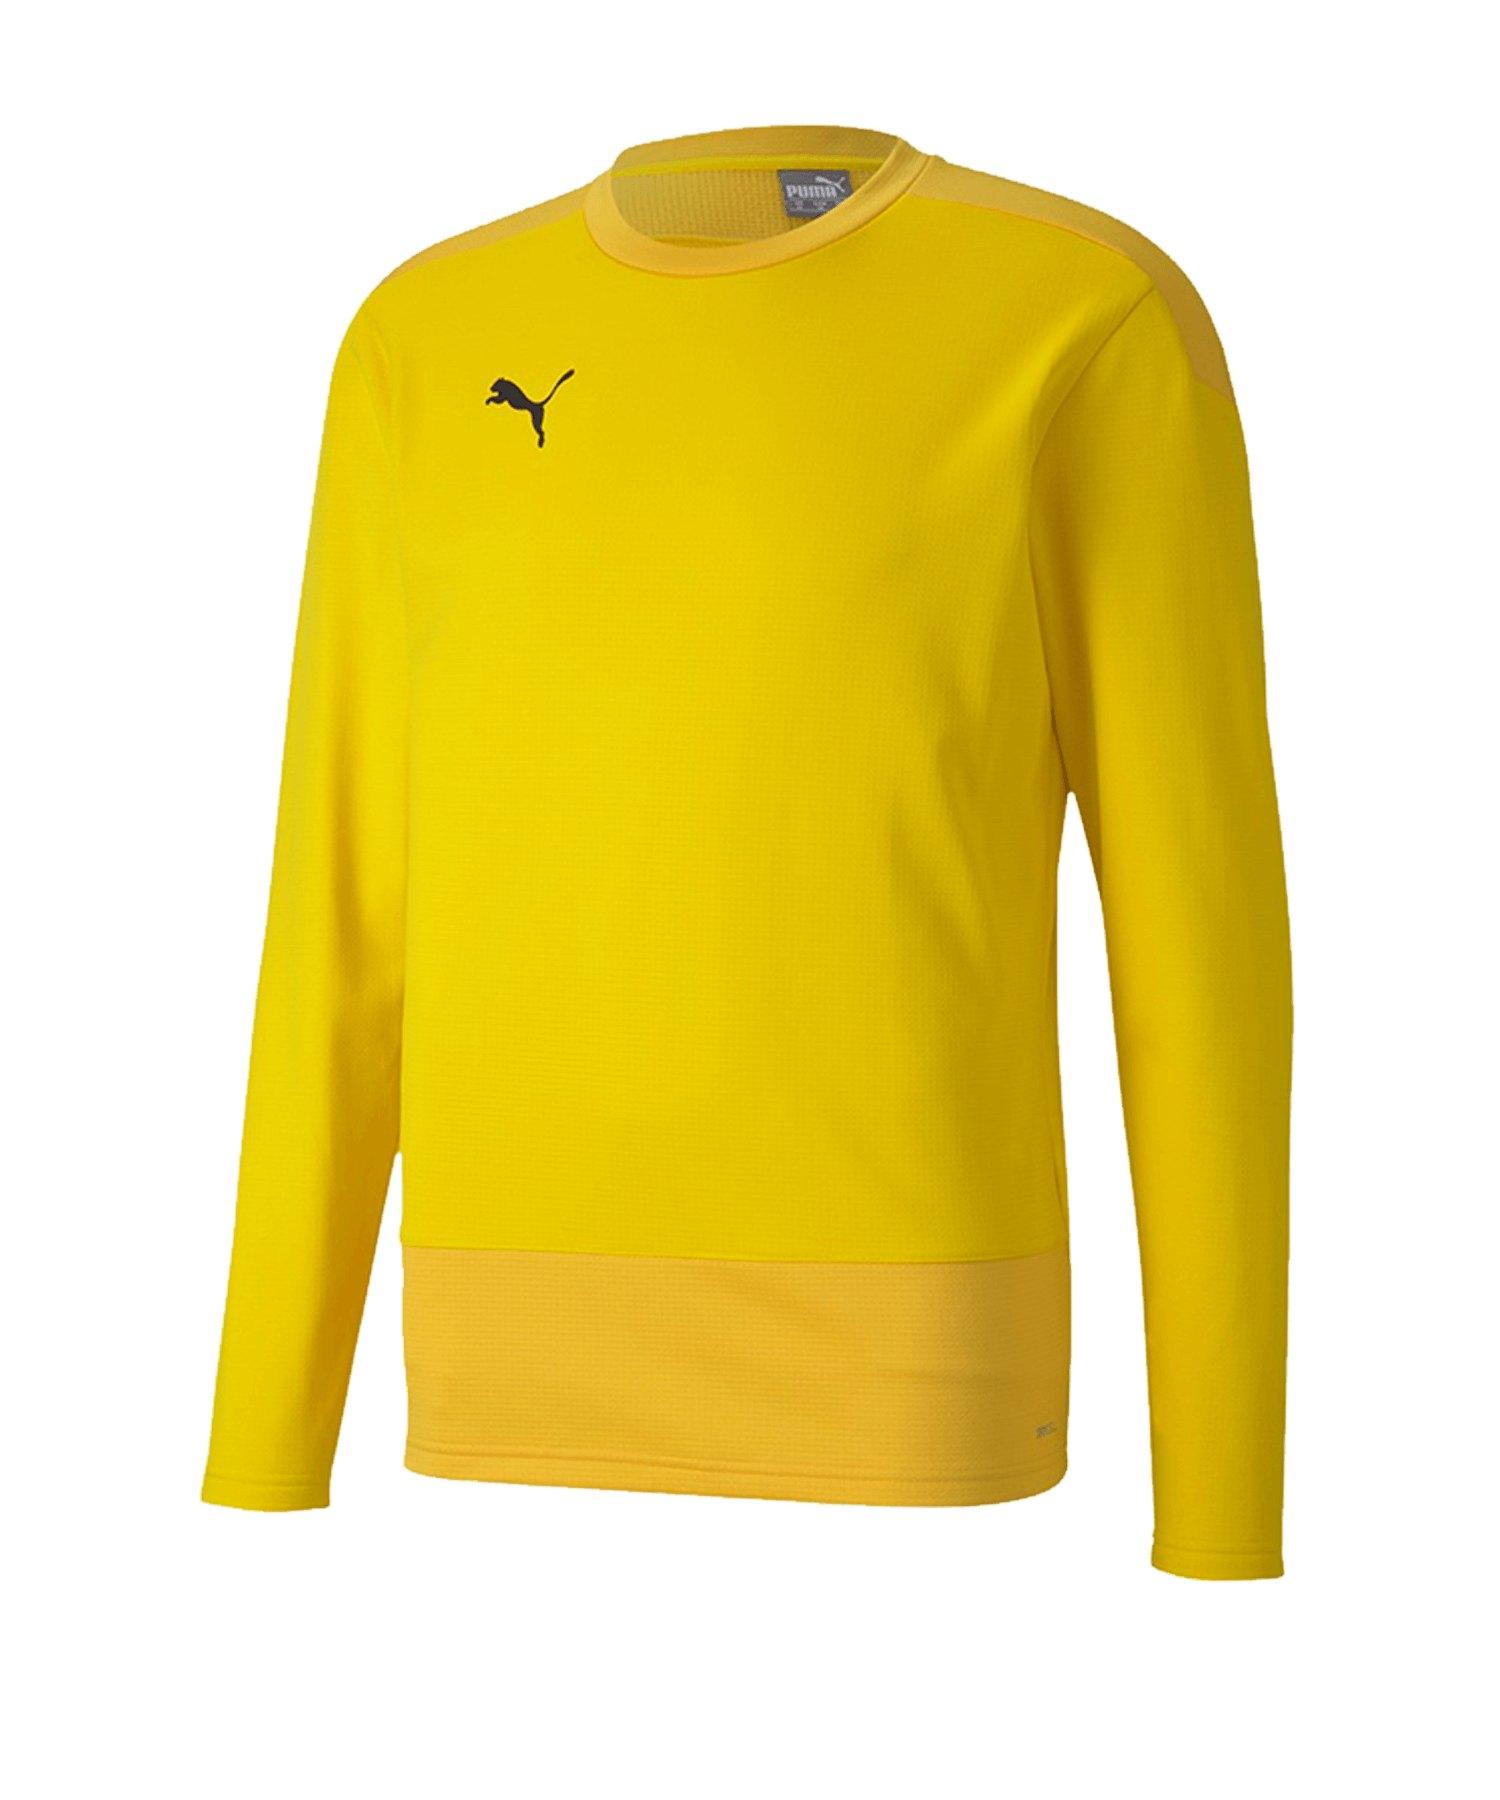 PUMA teamGOAL 23 Training Sweatshirt Gelb F07 - gelb